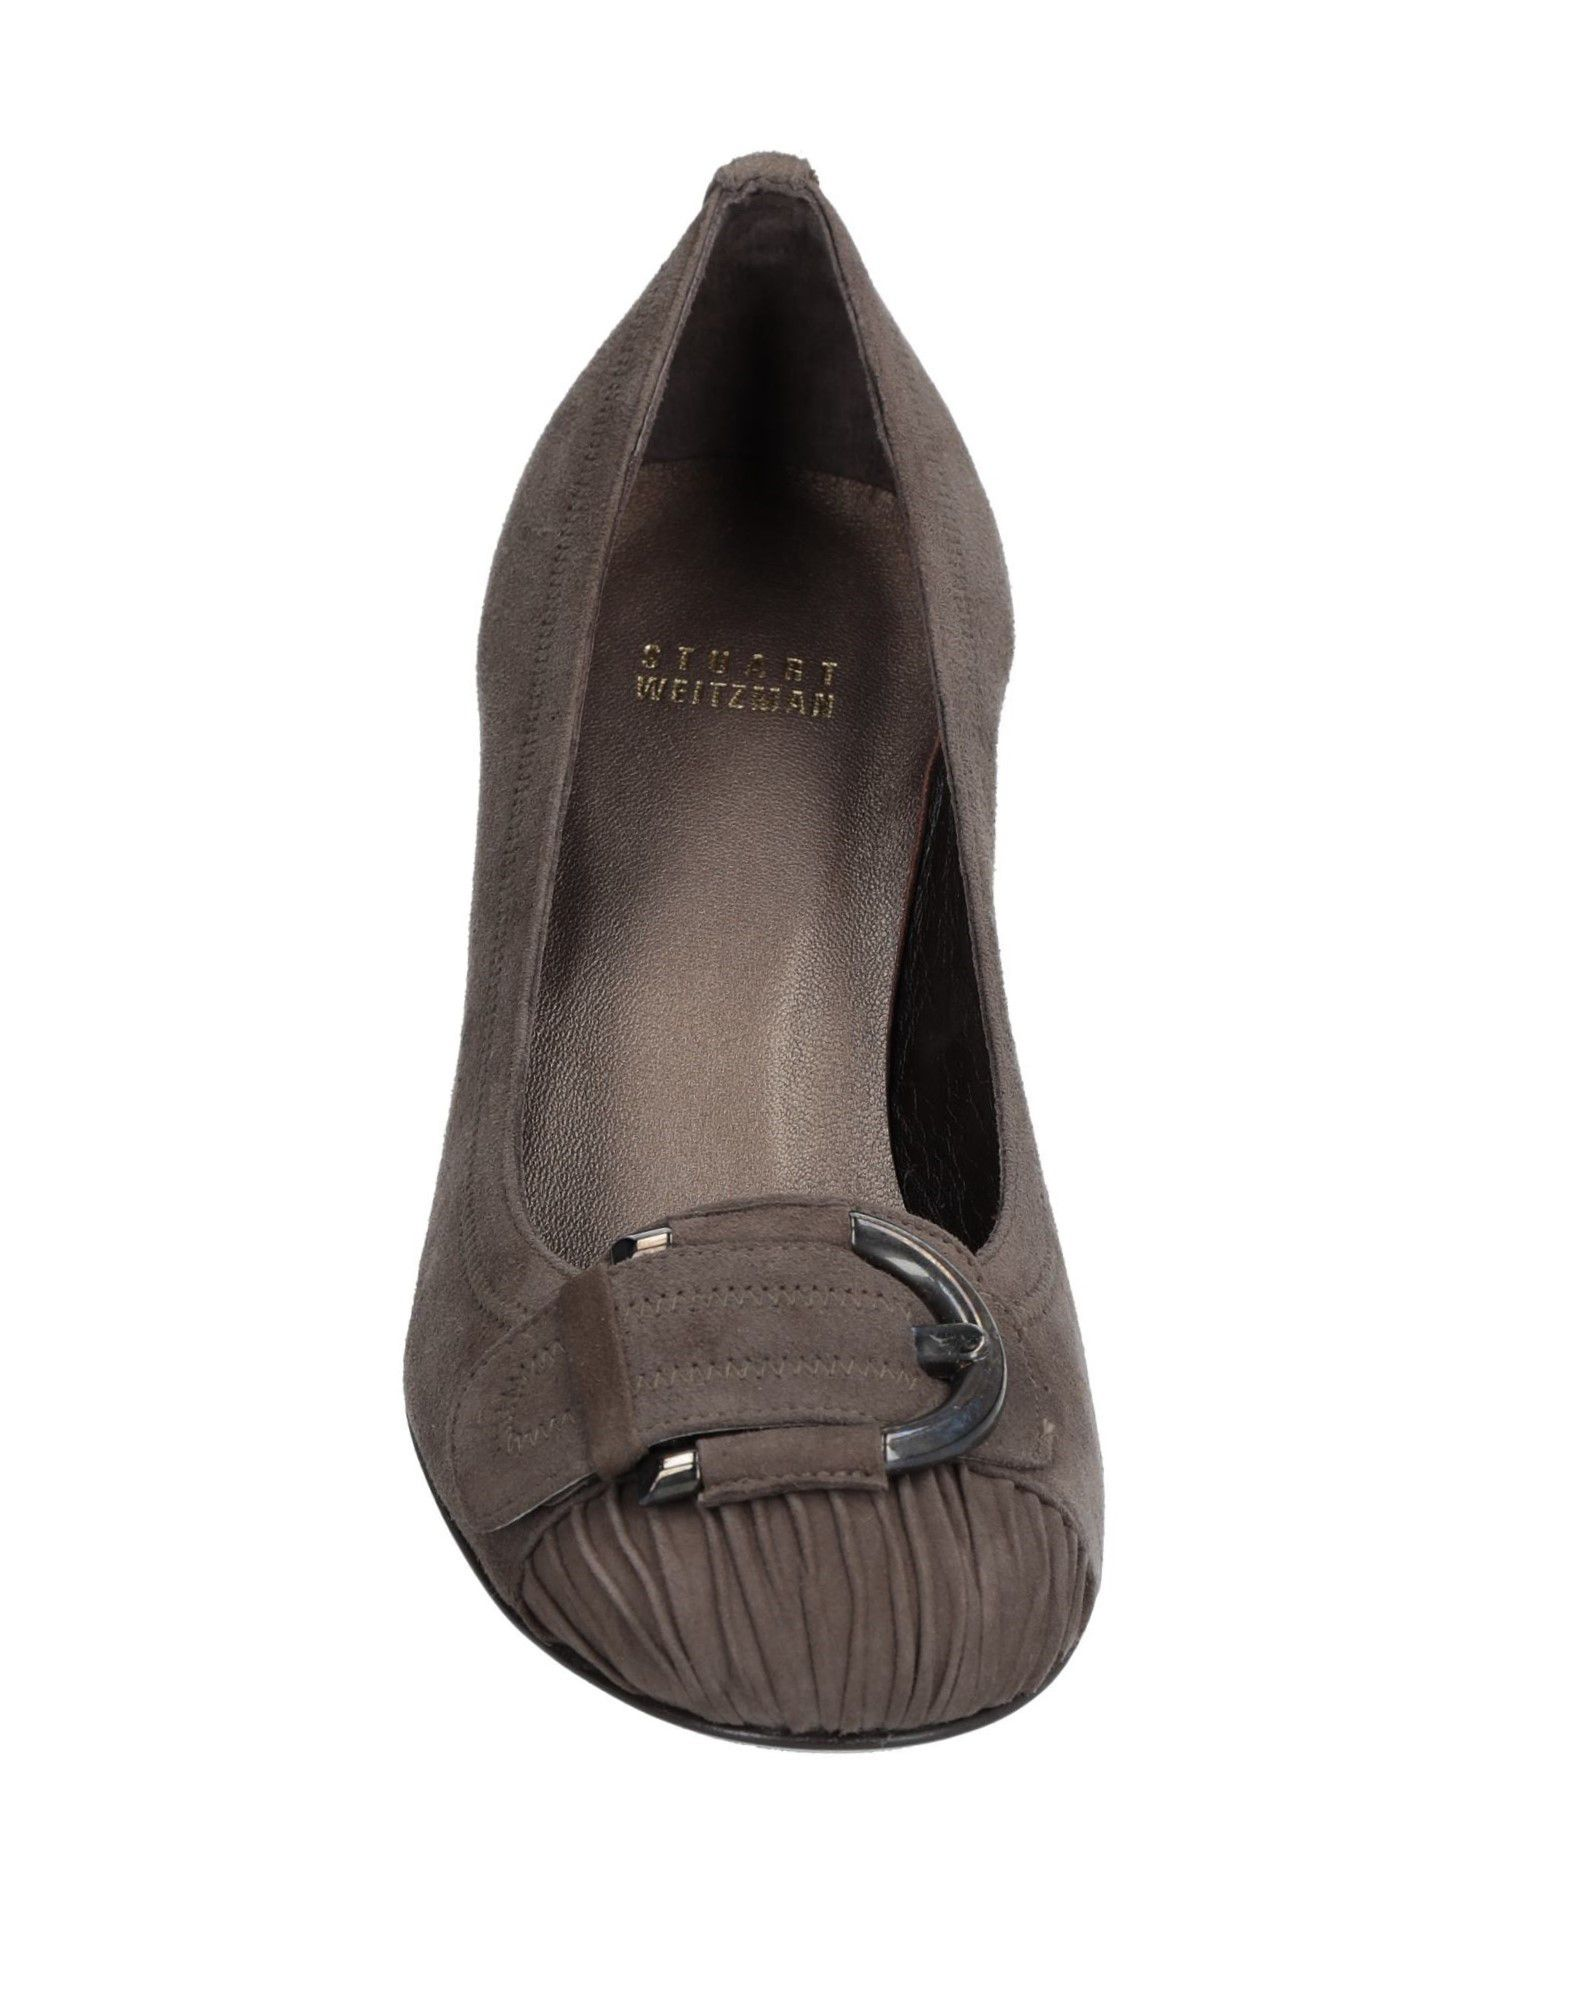 Rabatt Schuhe Pumps Stuart Weitzman Pumps Schuhe Damen  11537872MG 939a90